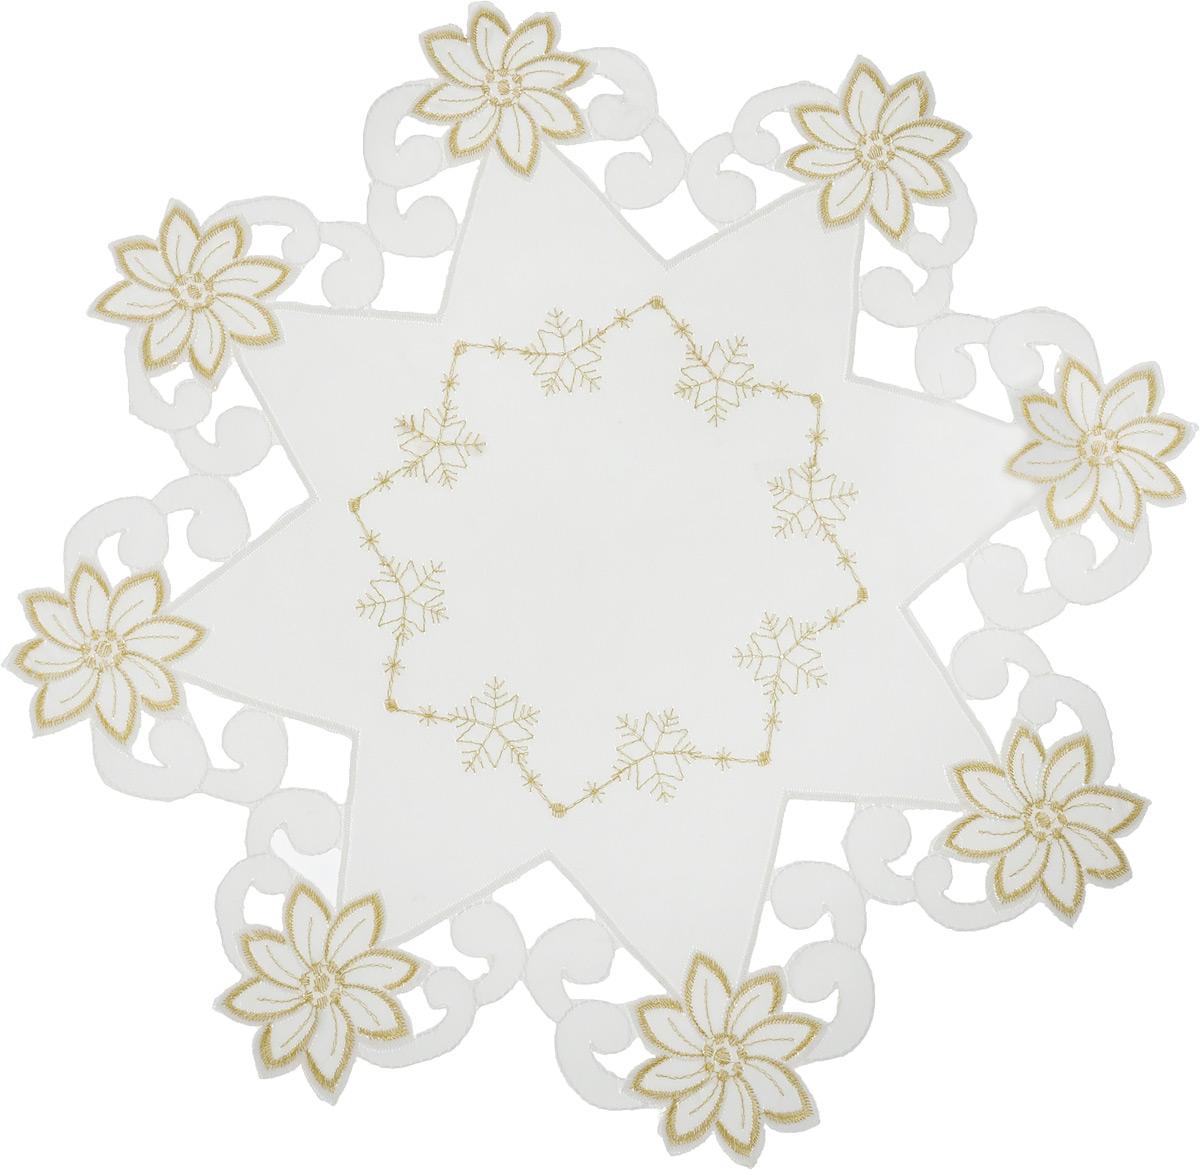 Салфетка Schaefer , круглая, цвет: молочный, золотистый, диаметр 38 см. 07803-3161со5276Круглая салфетка Schaefer, выполненная из полиэстера, оформлена декоративной перфорацией и вышивкой. Дизайнерские идеи немецких художников компании Schaefer воплощаются в текстильных изделиях, которые сделают ваш дом красивее и уютнее и не останутся незамеченными вашими гостями. Дарите себе и близким красоту каждый день!Диаметр салфетки: 38 см.